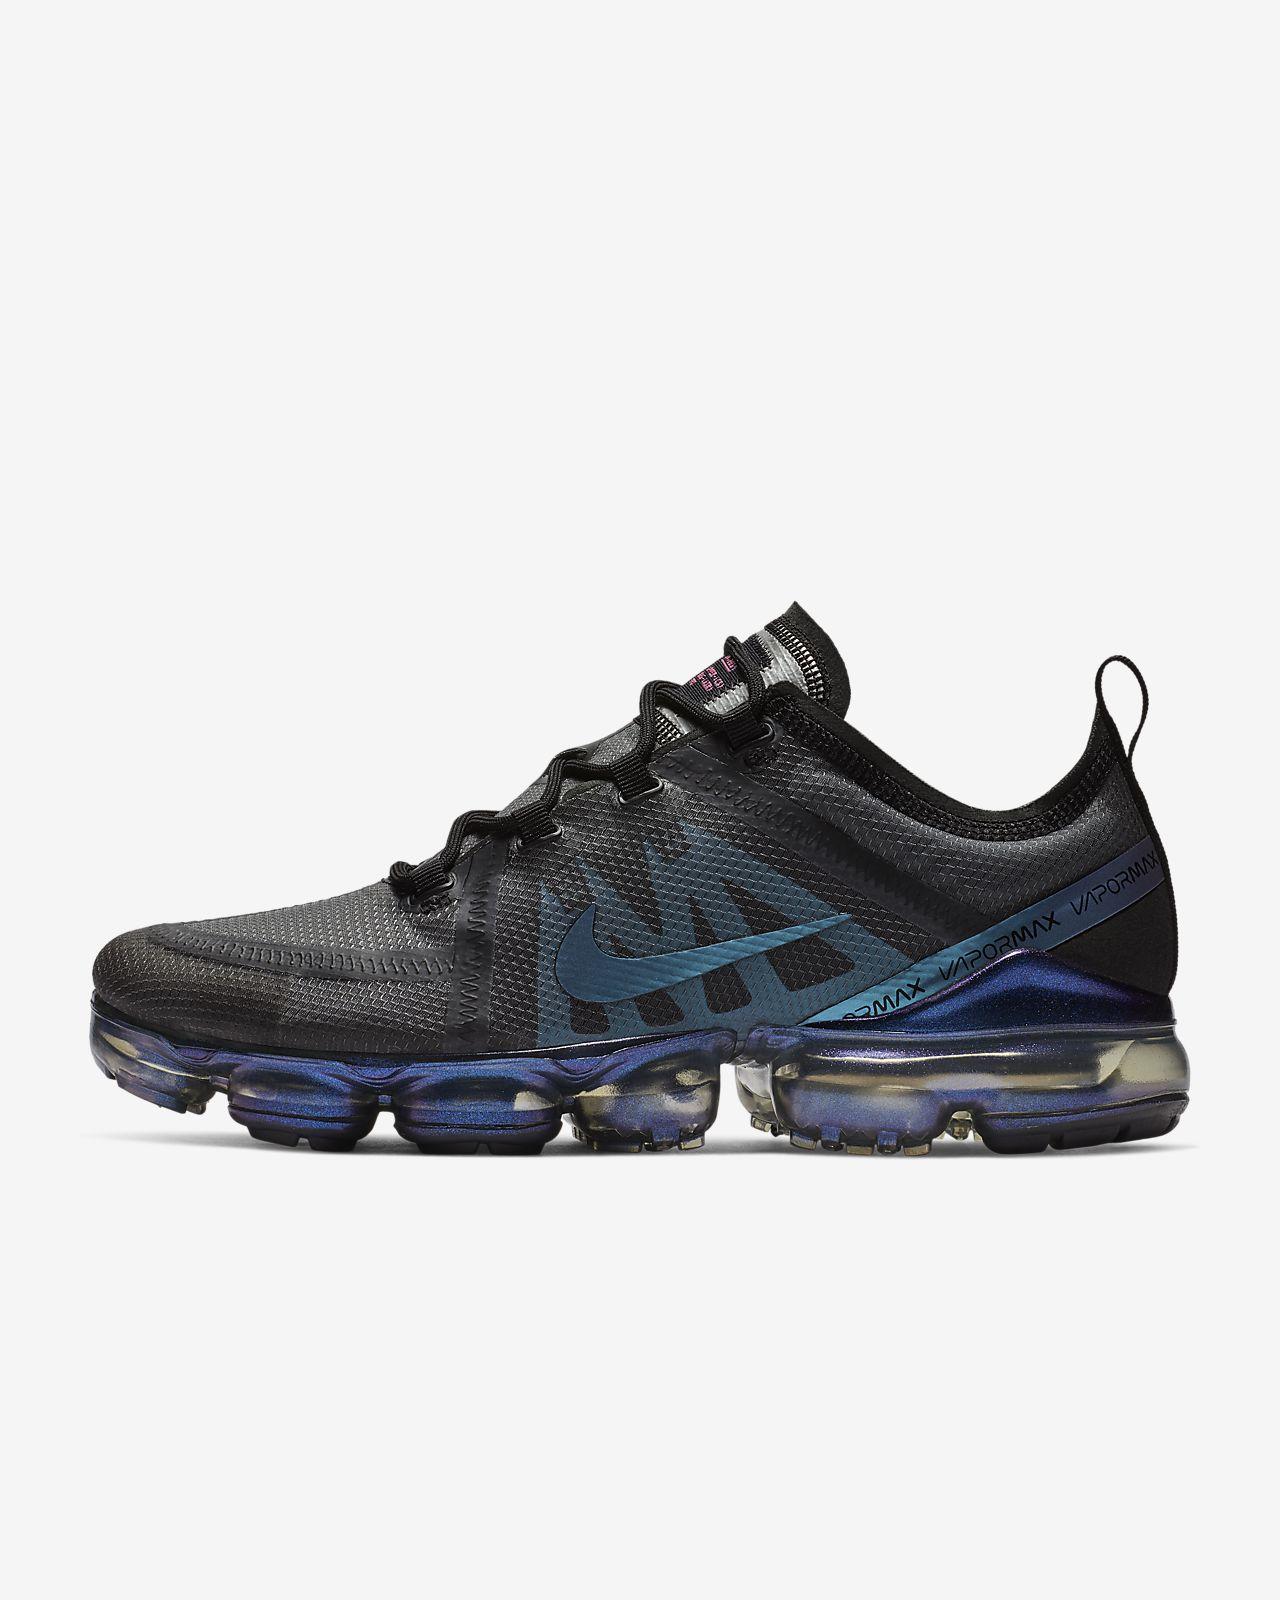 scarpe nike ragazzo air max 2019